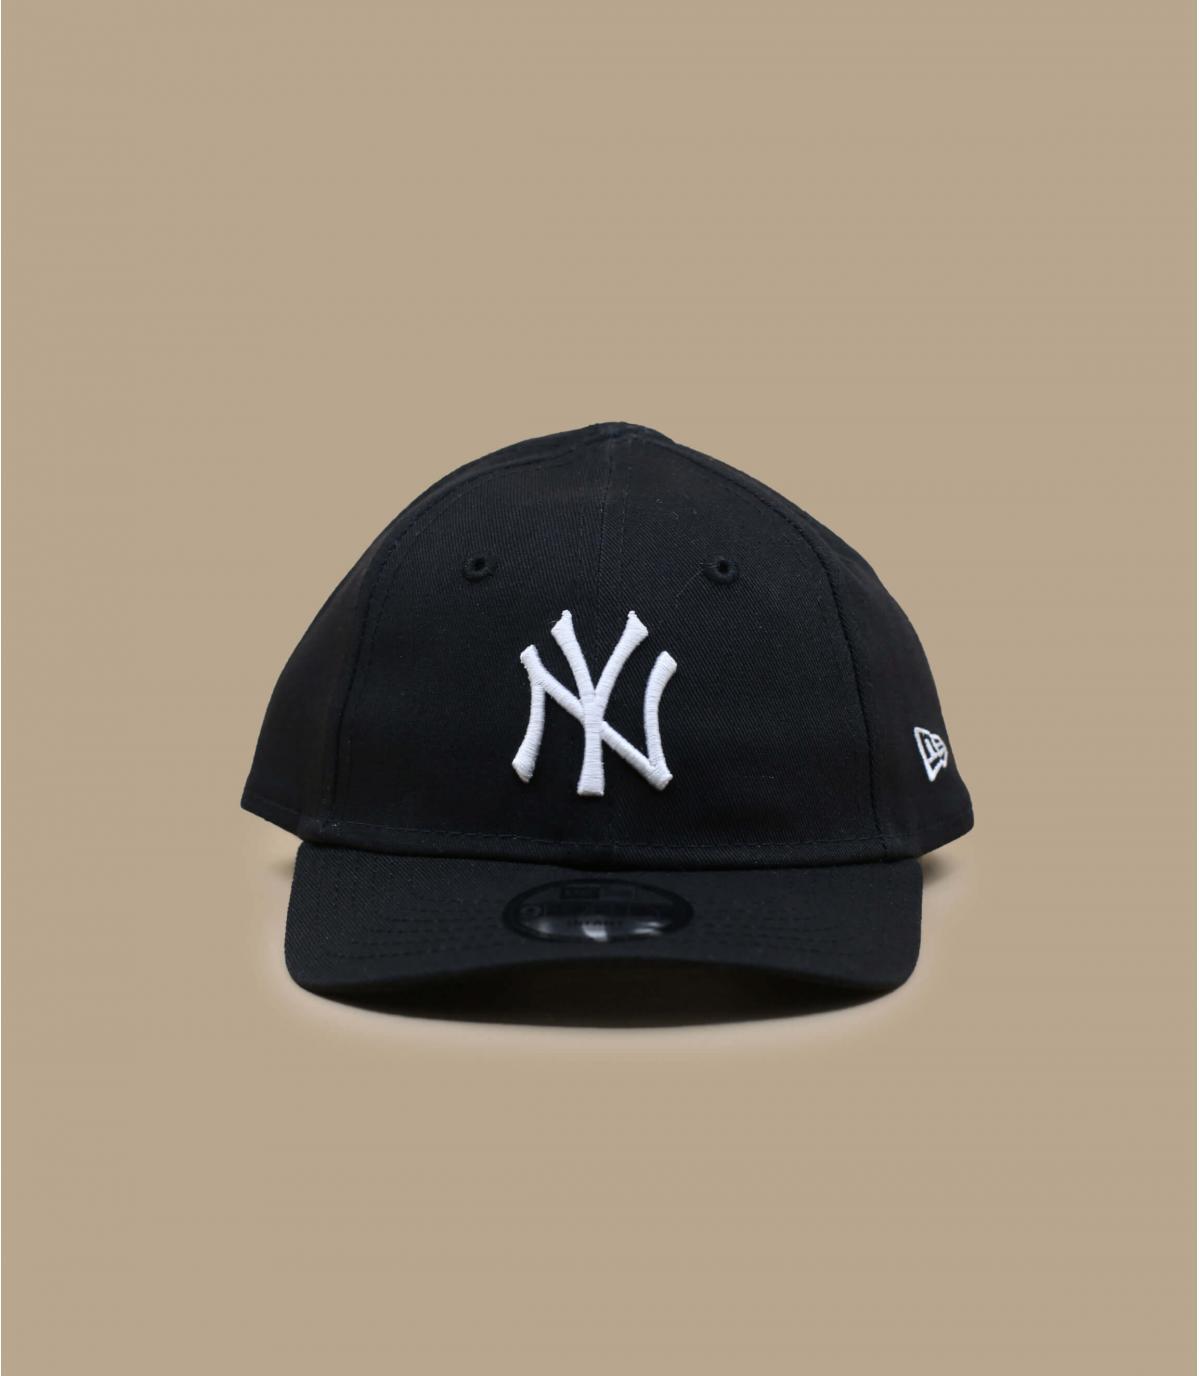 zwarte baby NY cap